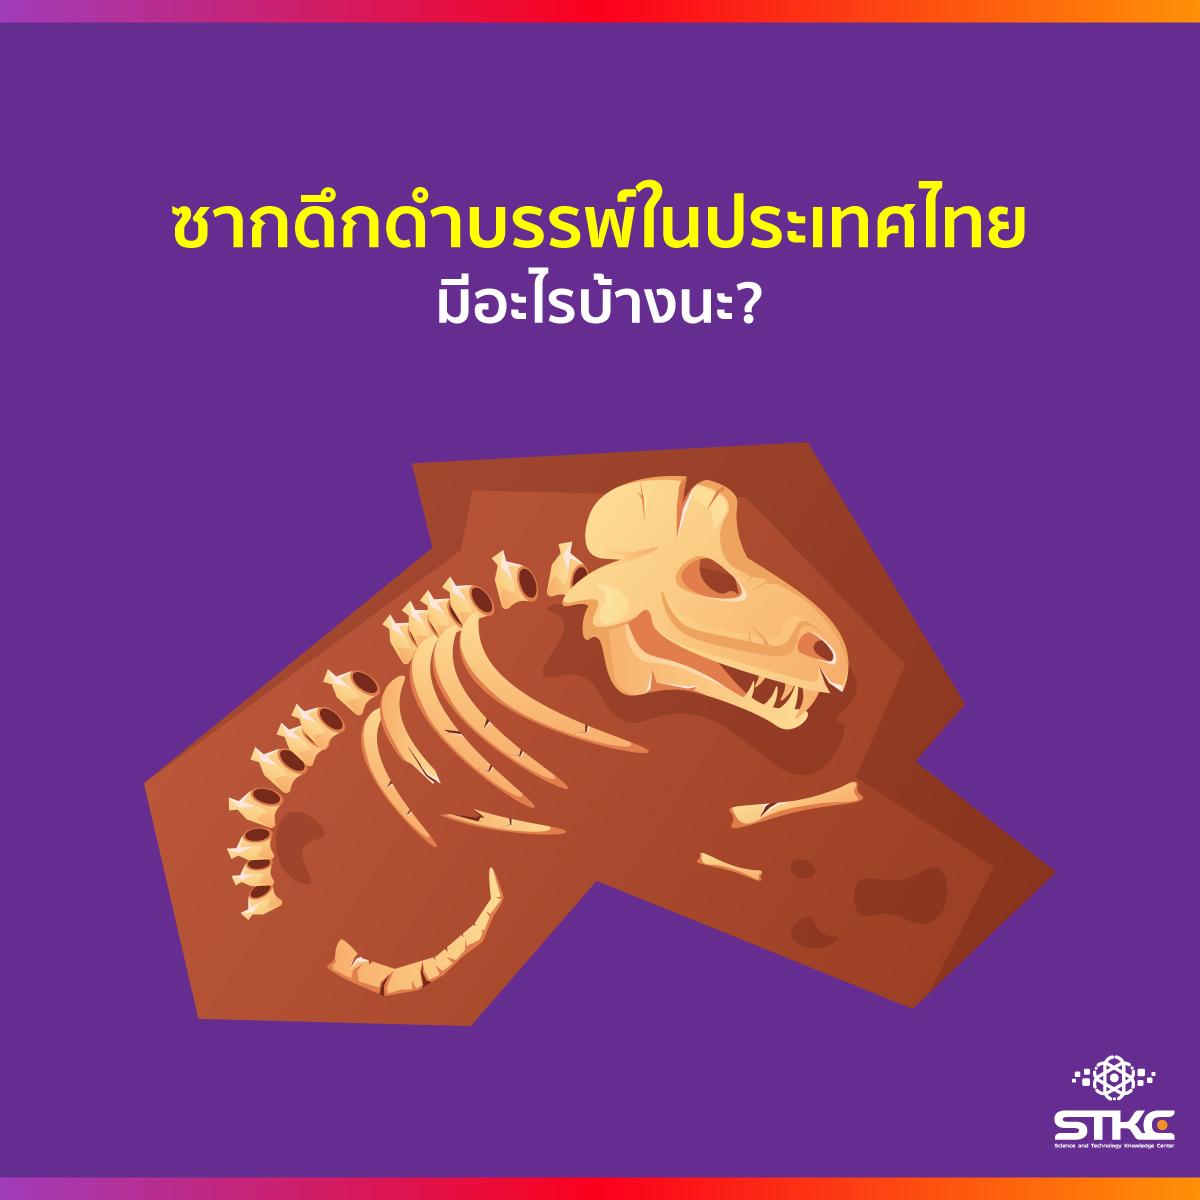 ซากดึกดำบรรพ์ในประเทศไทย